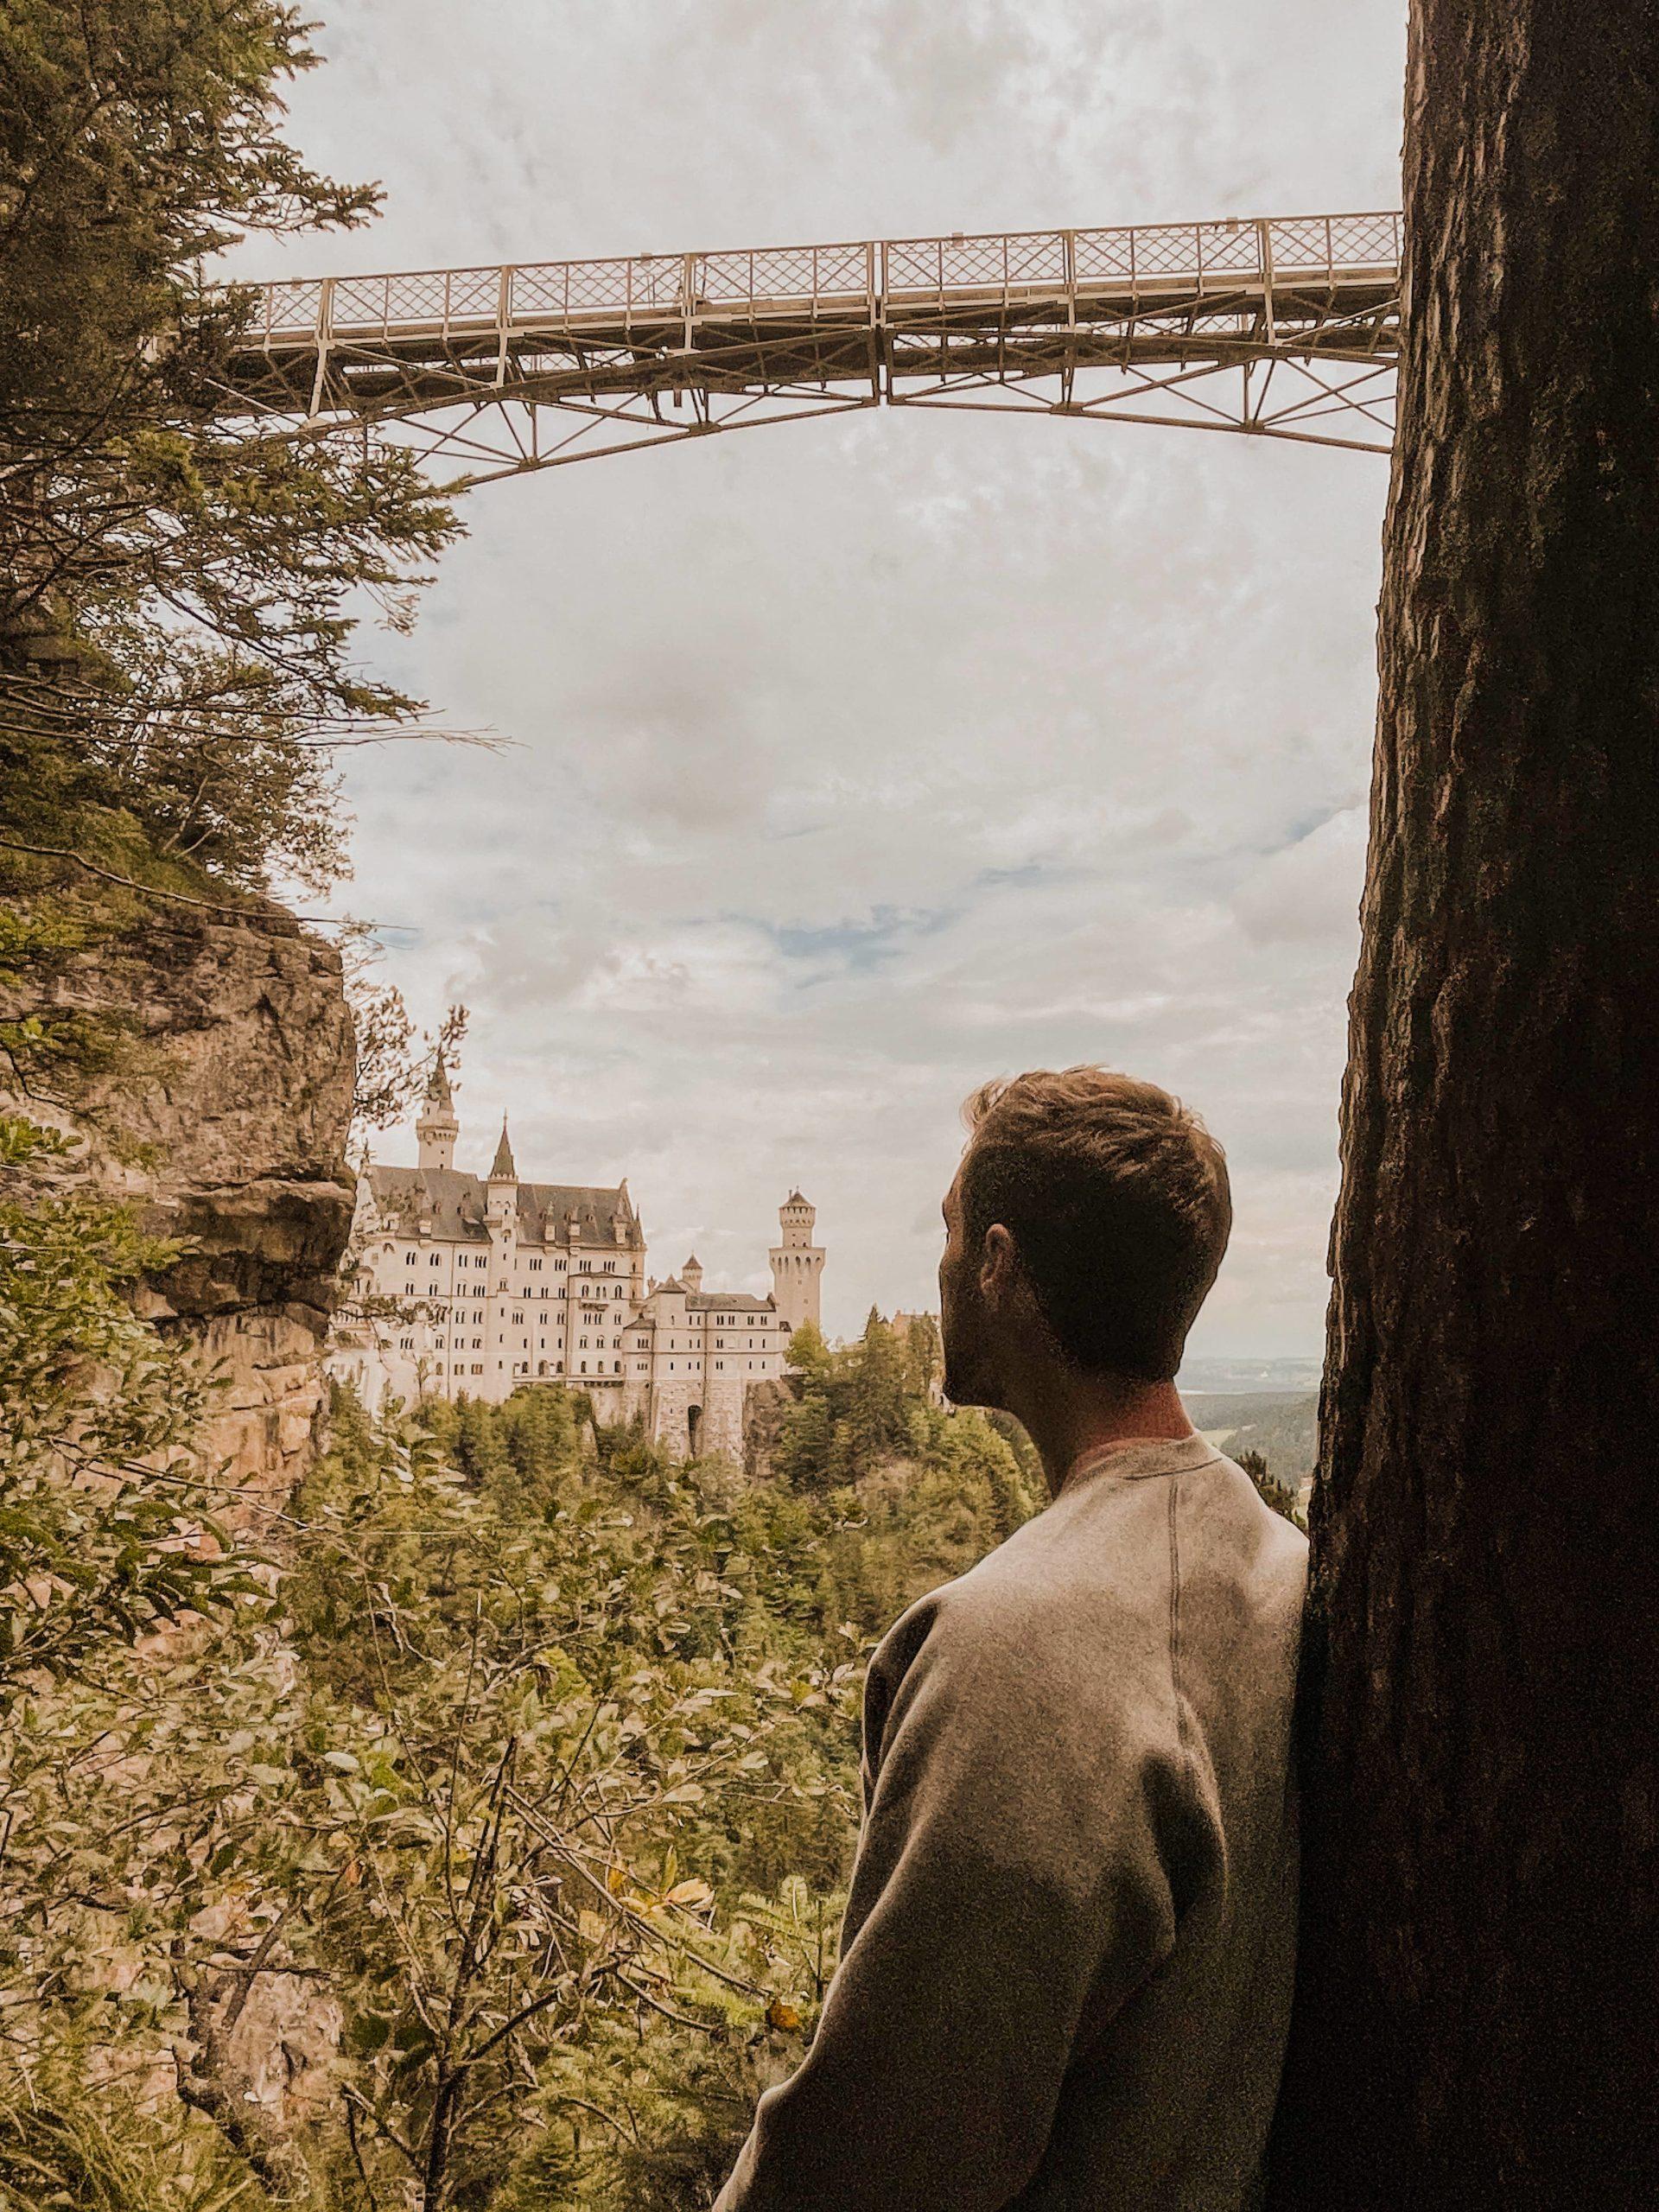 Où se rendre pour profiter du meilleur point de vue sur le château de Neuschwanstein ?